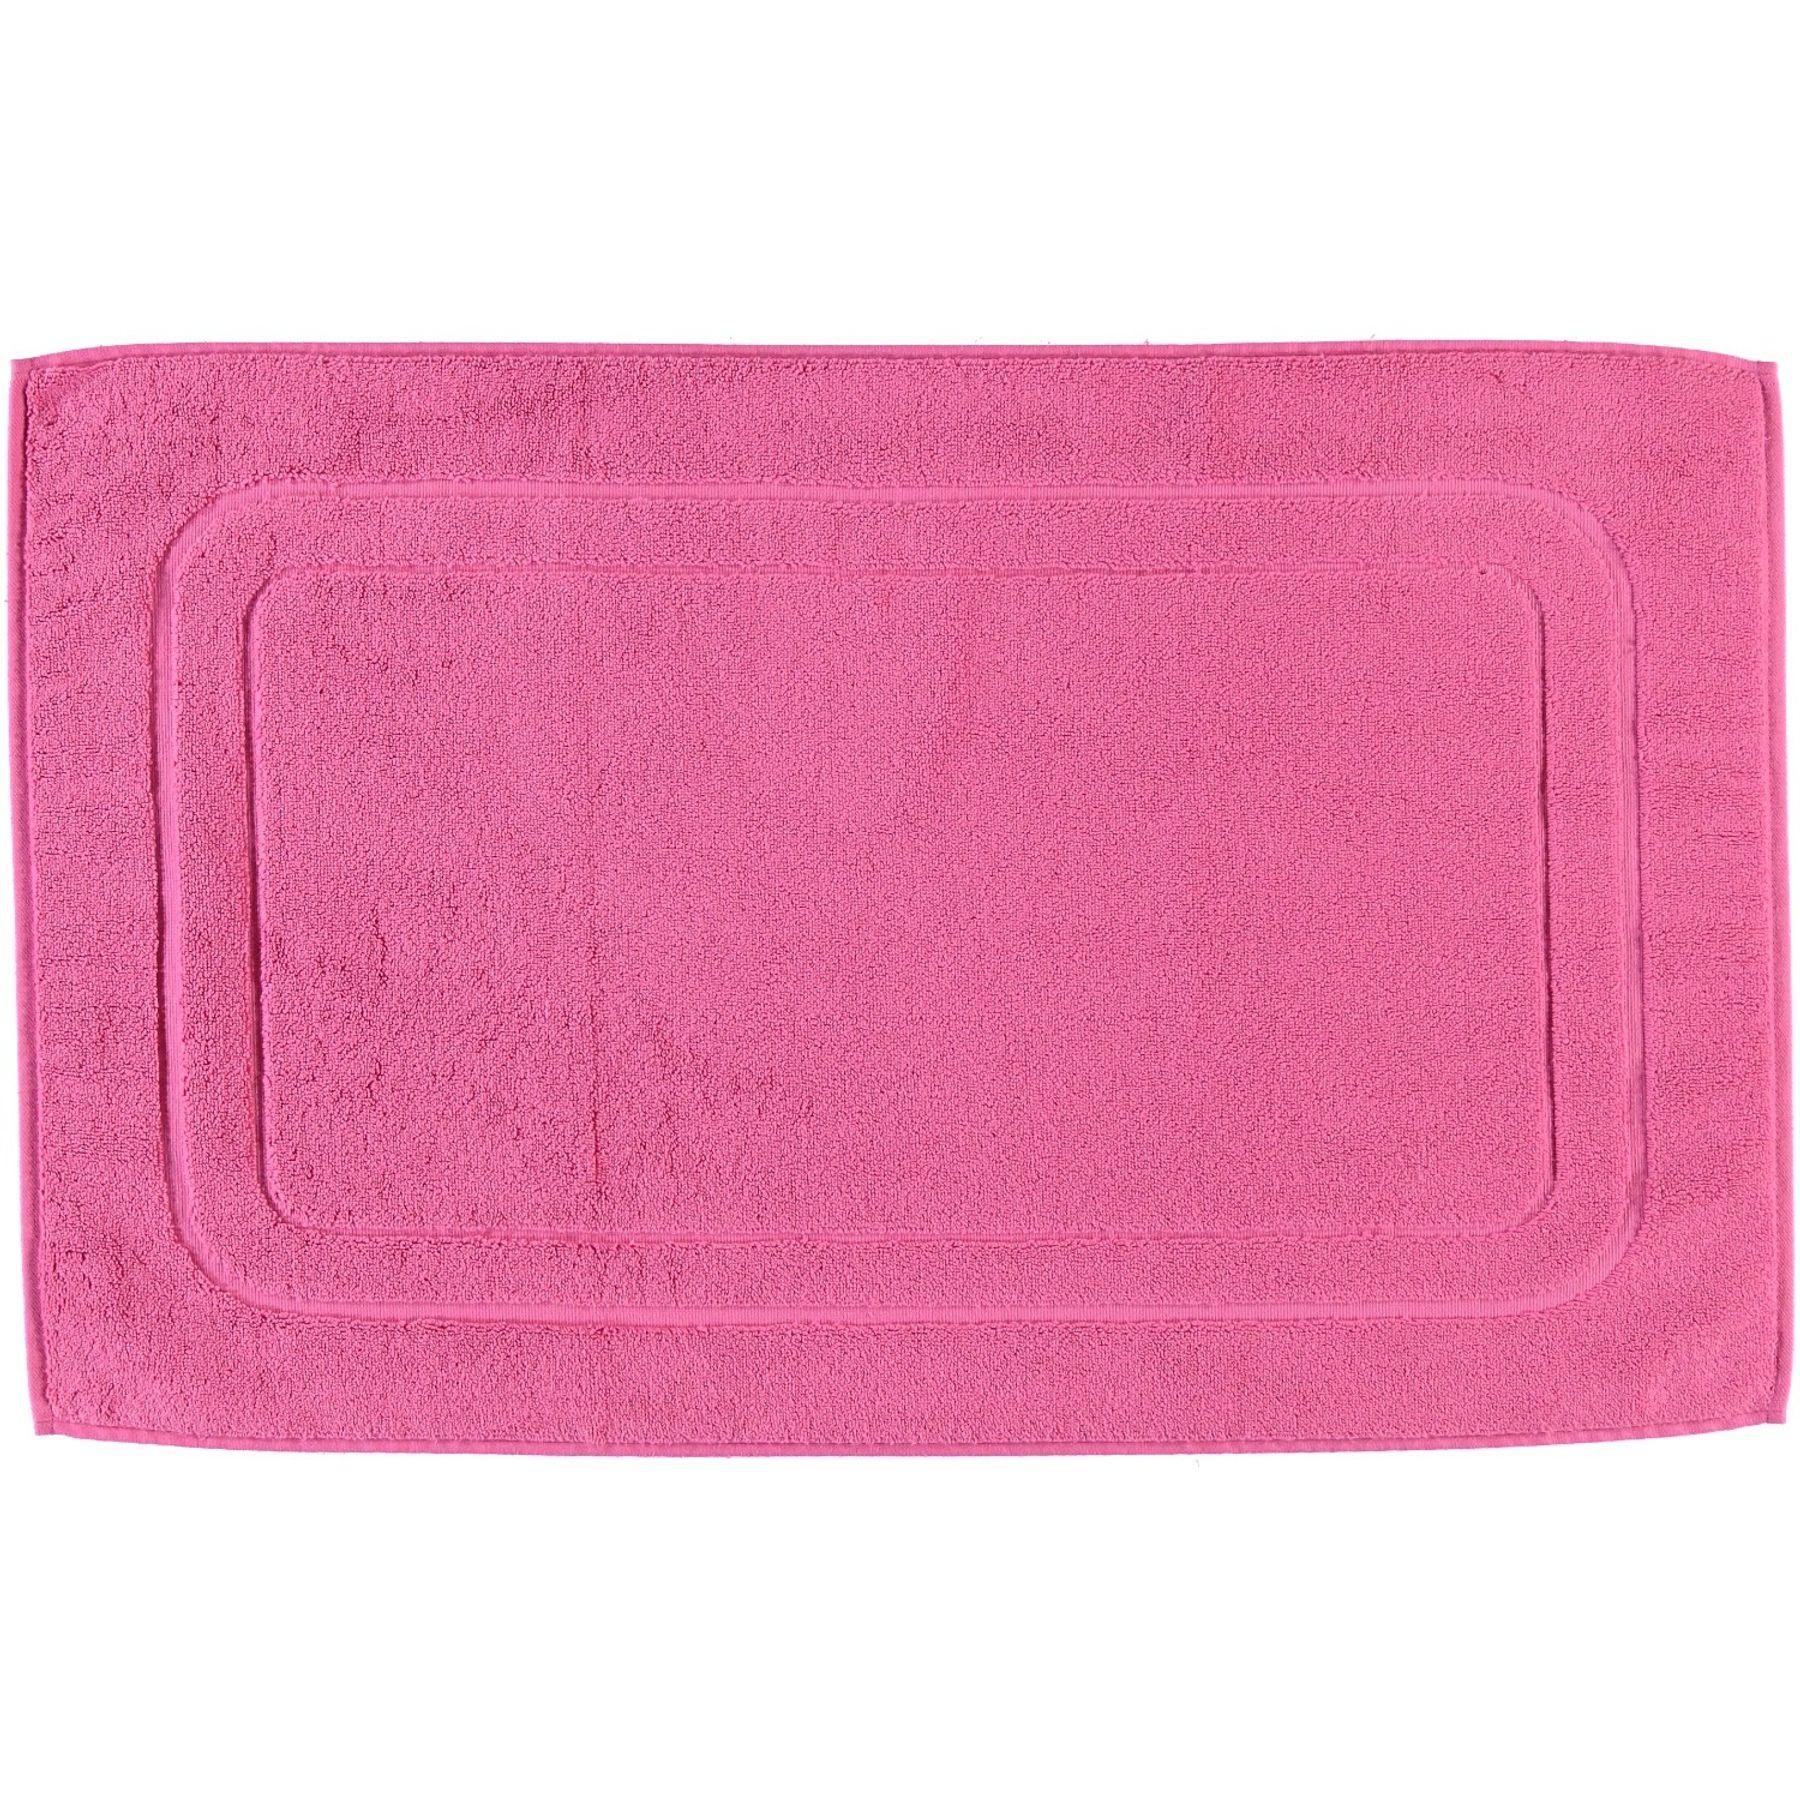 Cawö - Badteppich in verschiedenen Farben (Größe: 50x80 cm) (200) – Bild 6